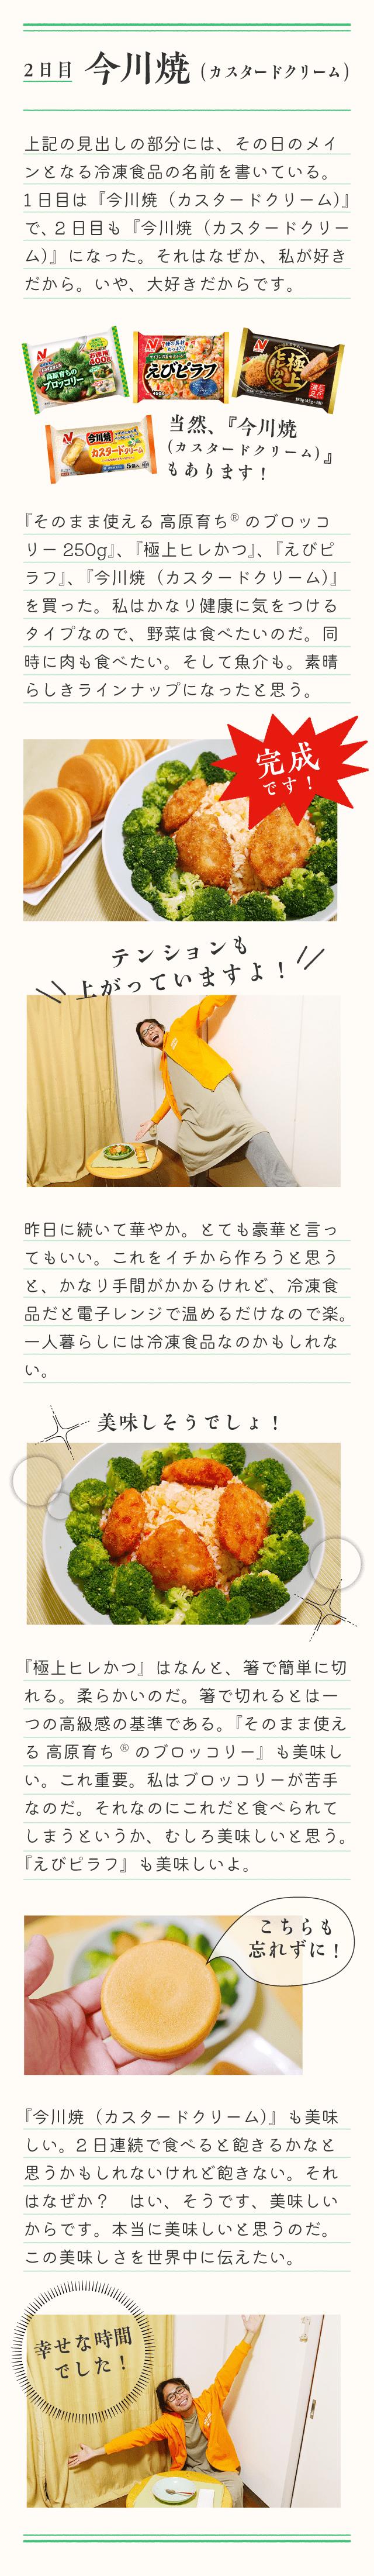 冷凍食品生活2日目